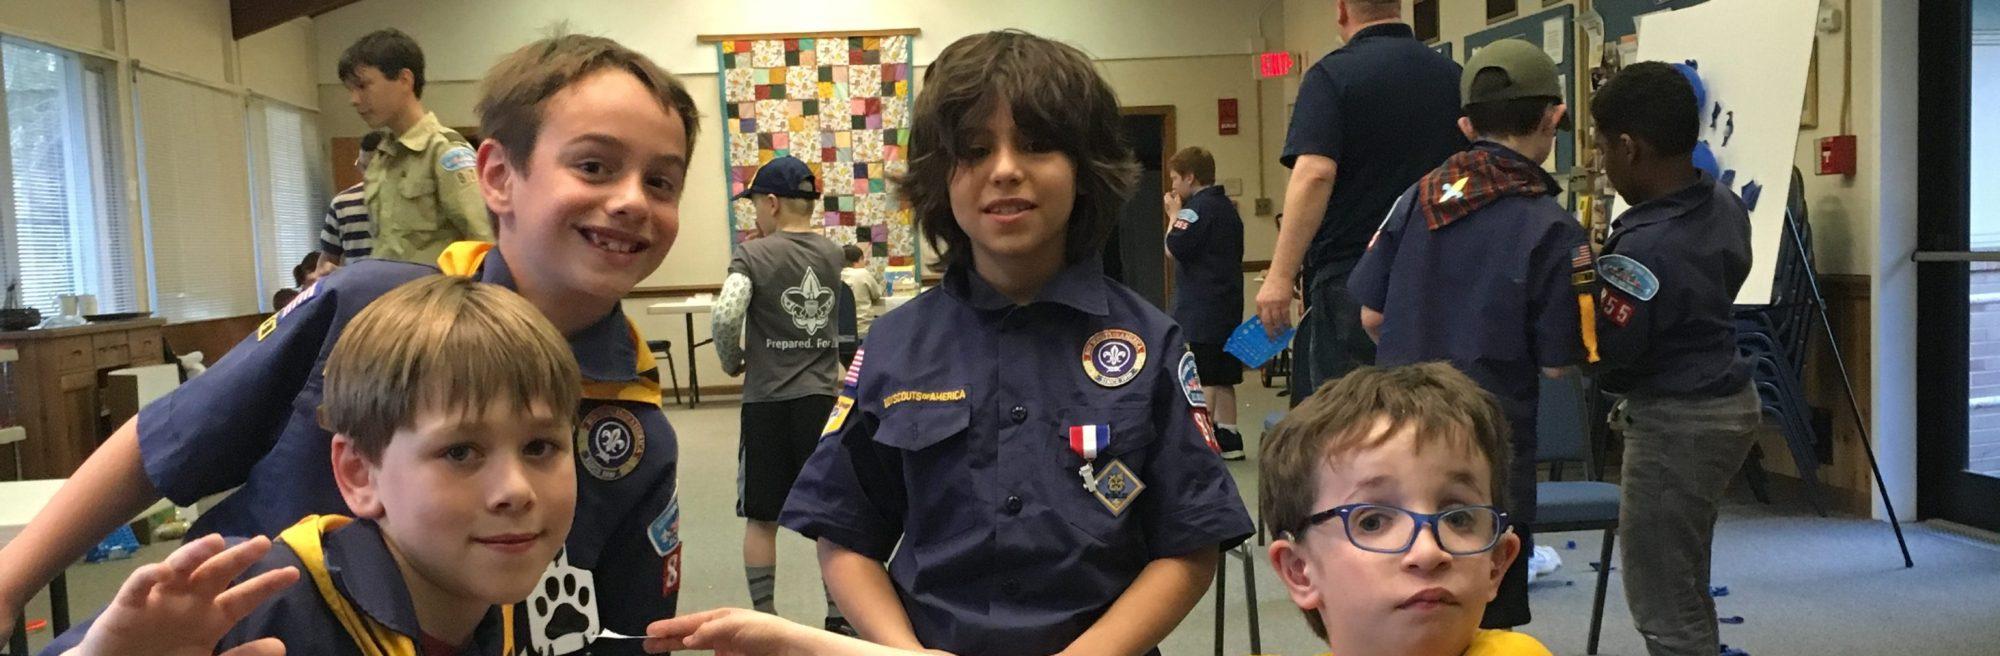 Cub Scout Pack 855